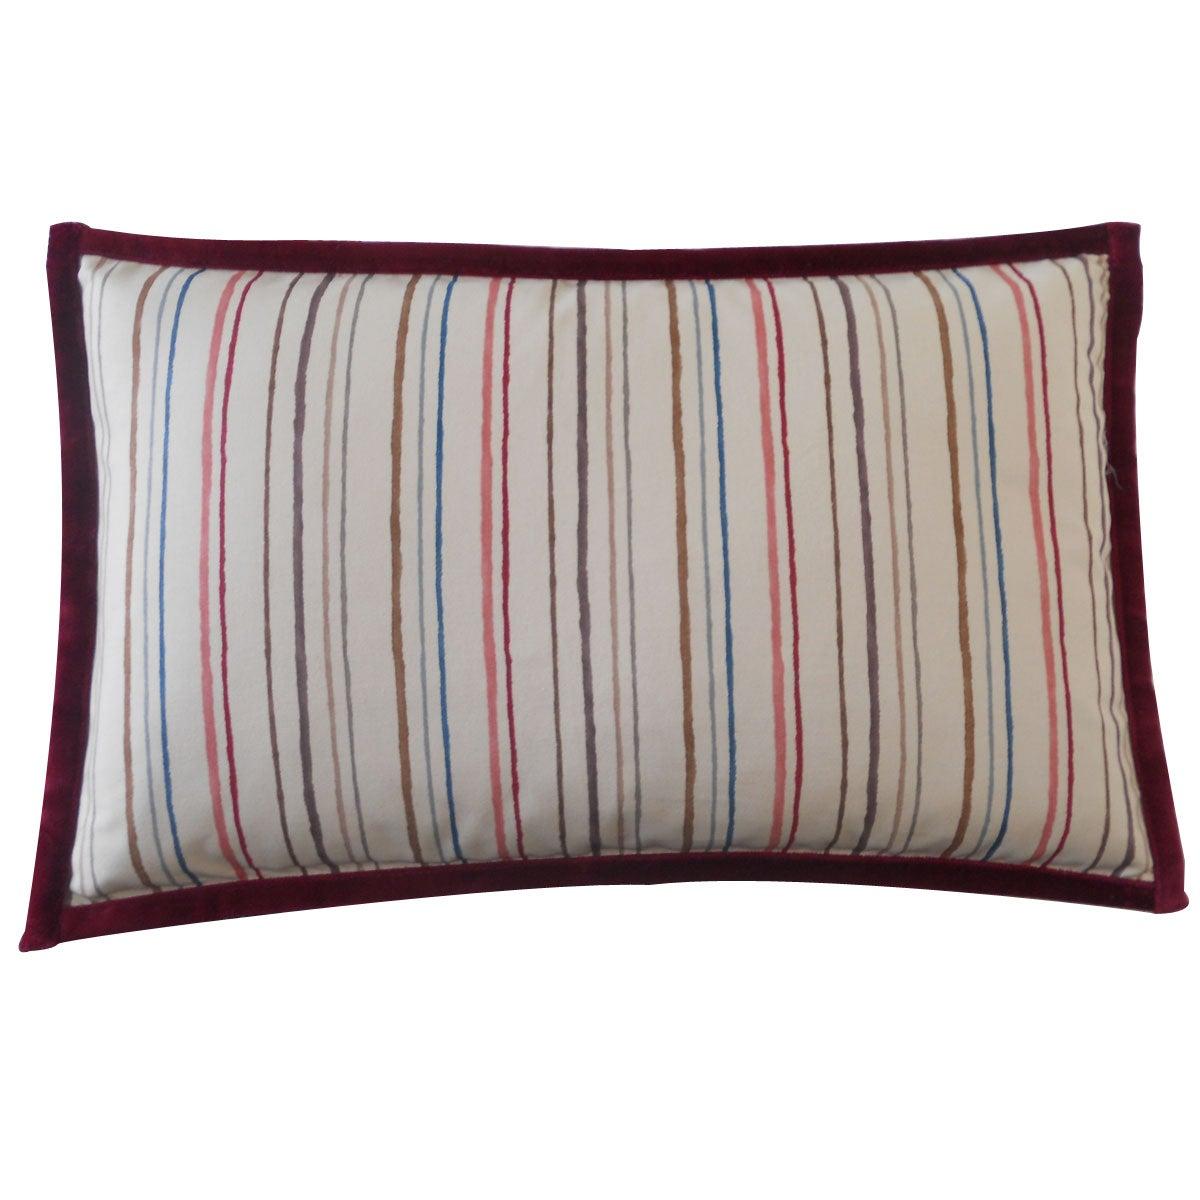 Jiti Alita Stripes Down Pillow